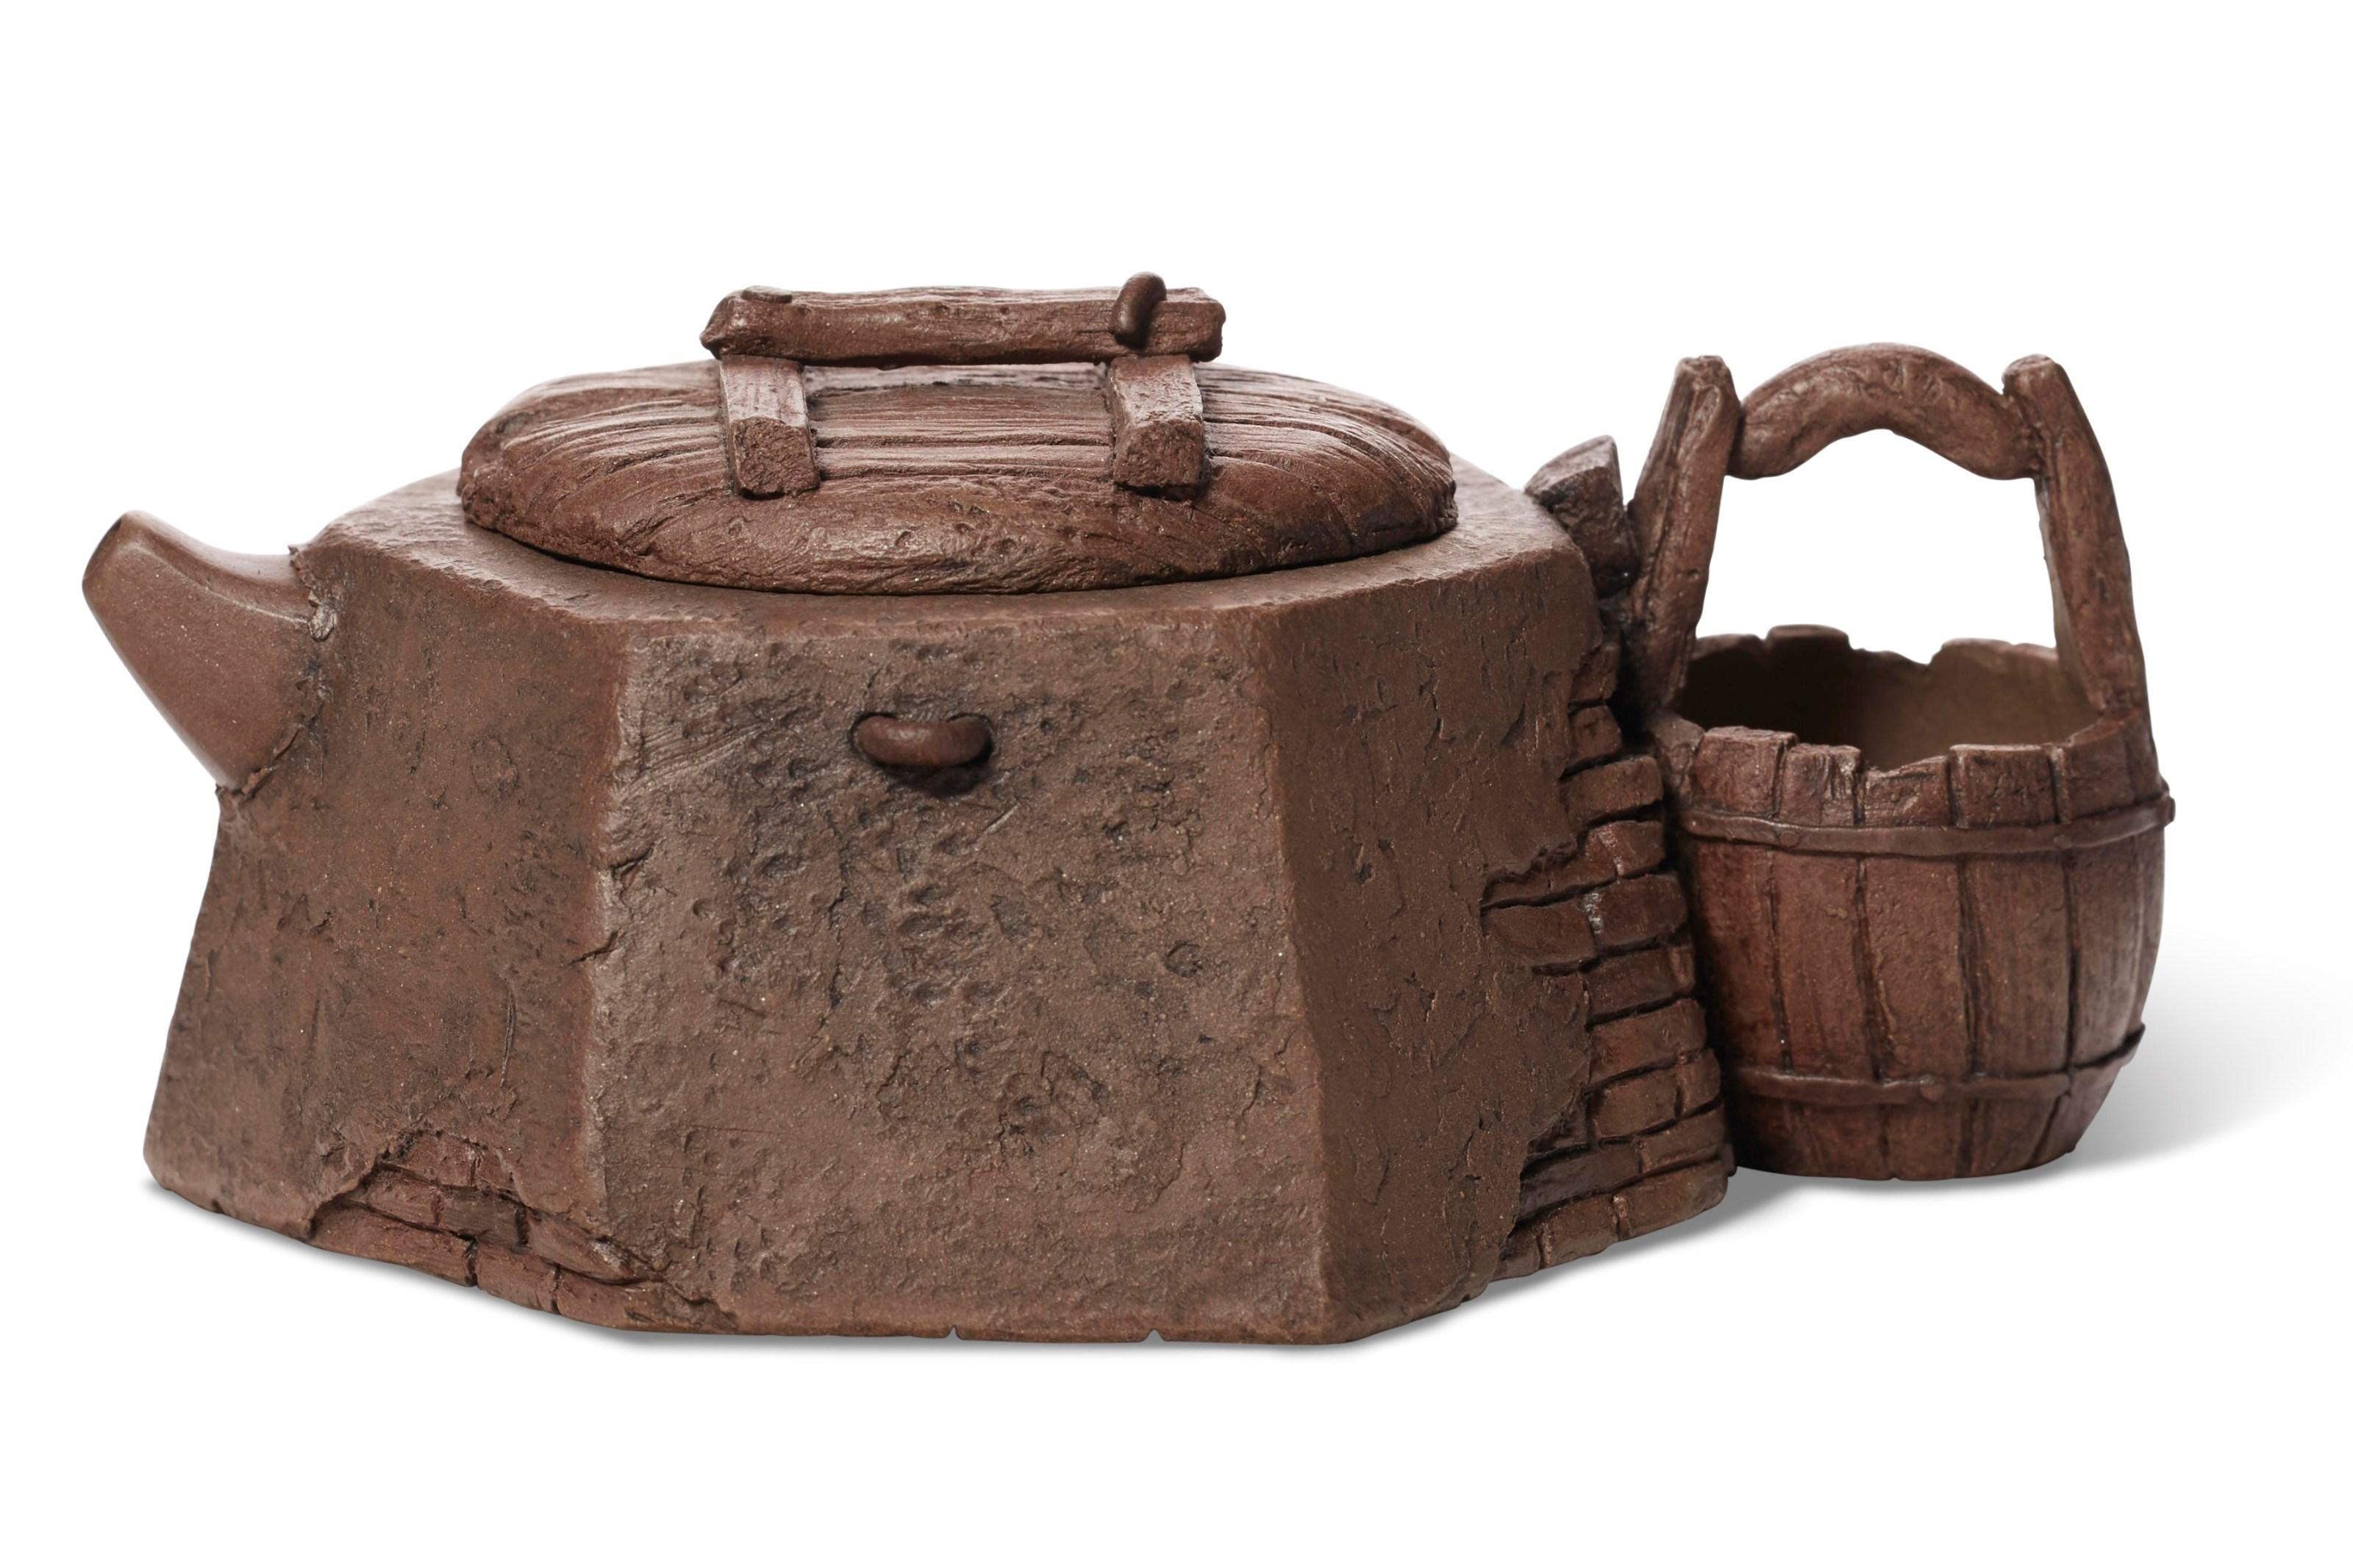 周定芳(1965年生)制水井壶,宽5¼吋(13.4公分),估价:1,500-2,500美元。此拍品于3月19至26日在佳士得网上拍卖壶里乾坤:欧云伉俪珍藏宜兴紫砂器中呈献。